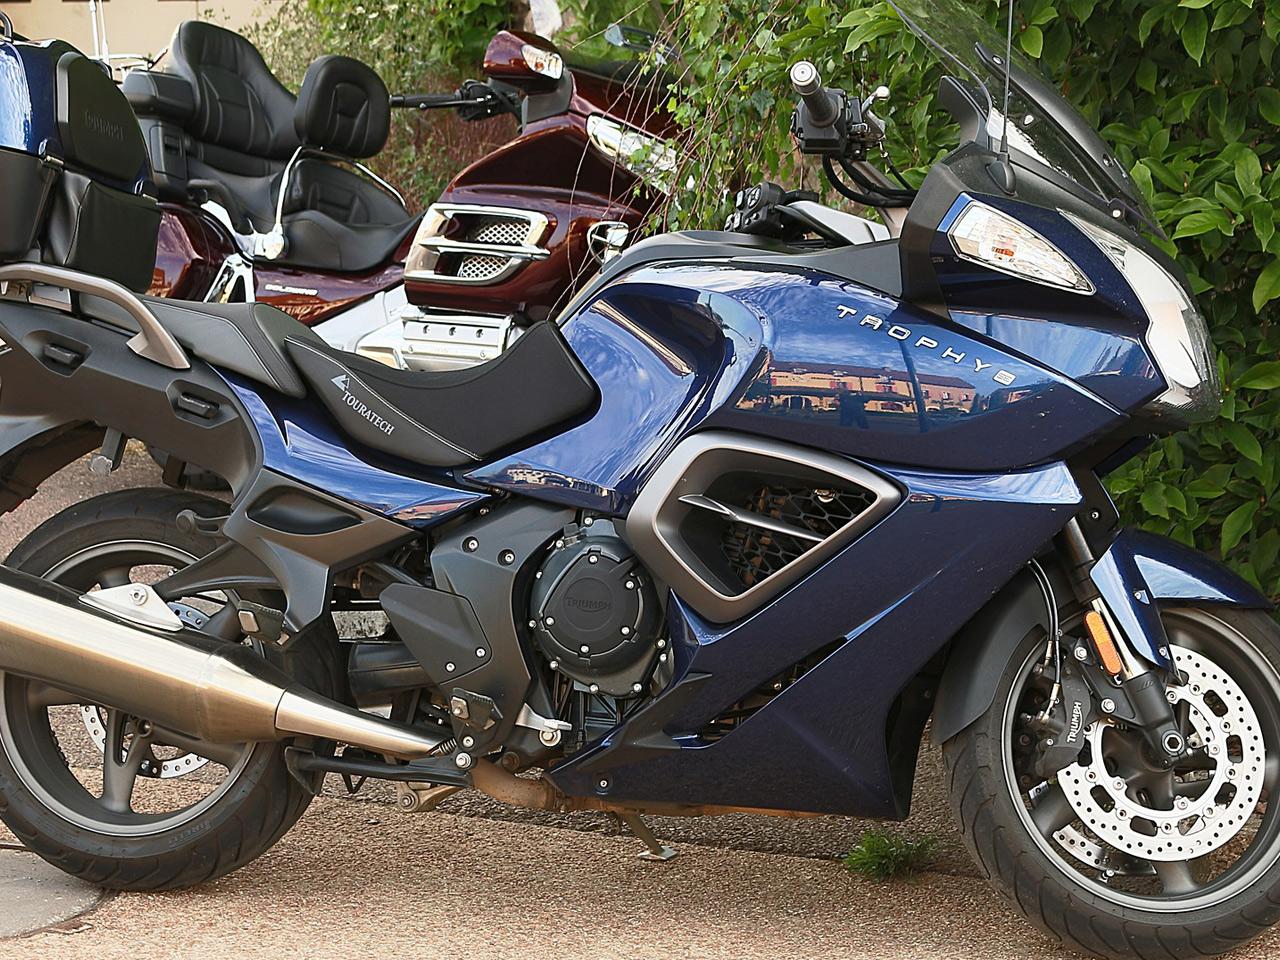 2007 Honda VTX 1800 T: pics, specs and information